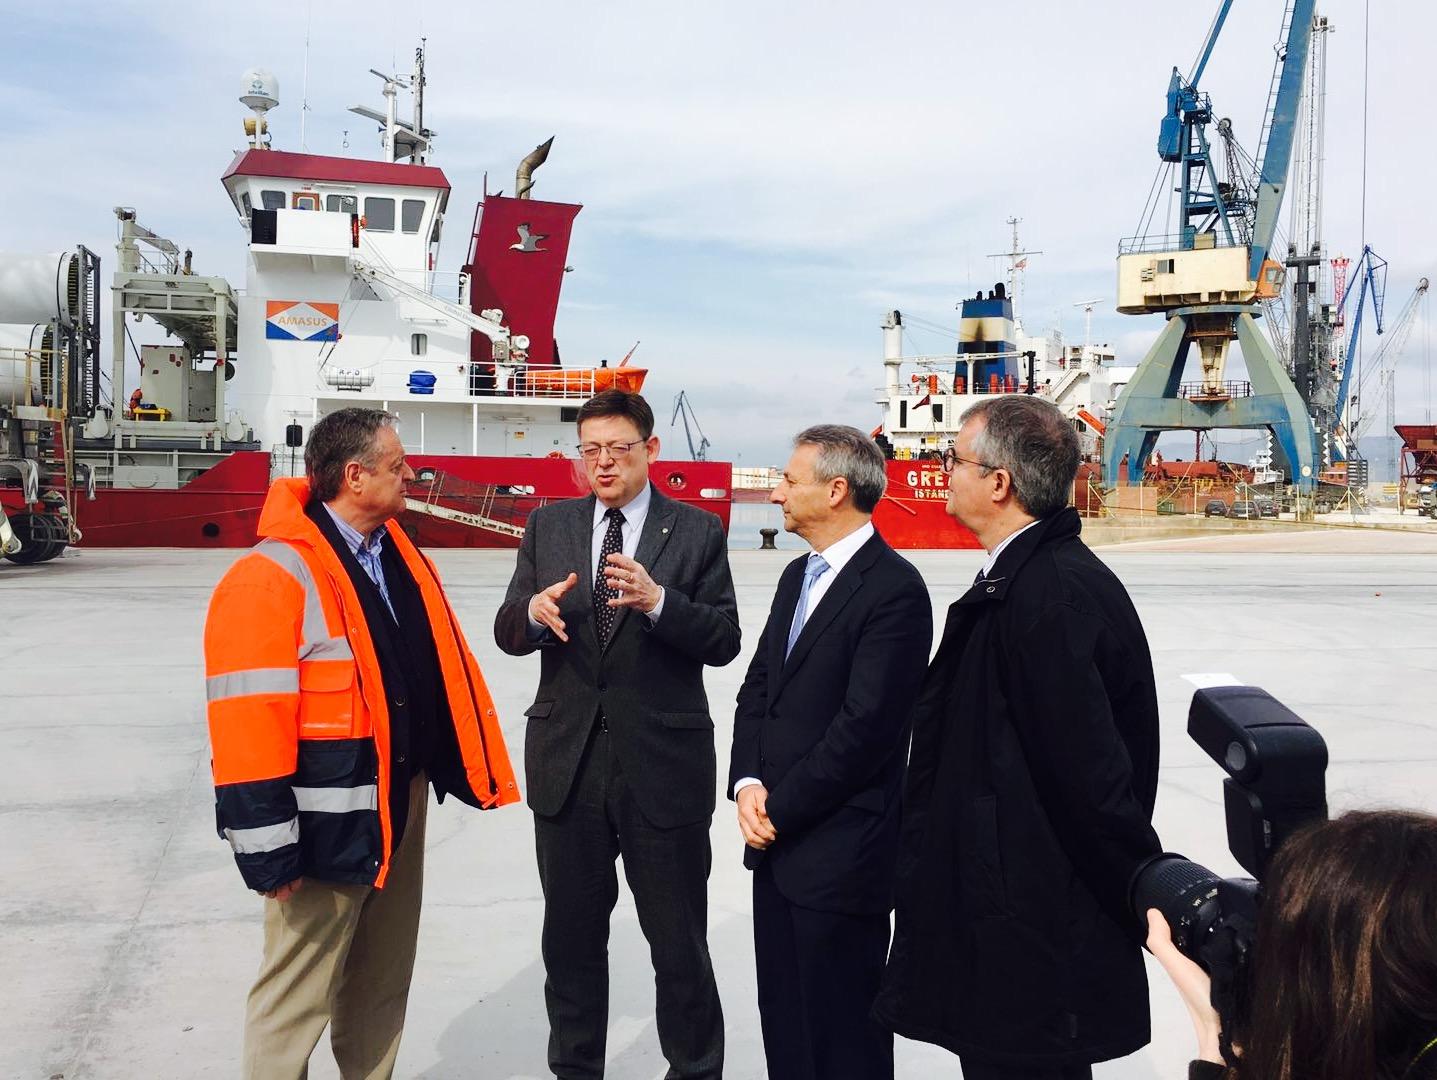 Juan Sarrasqueta muestra la carga de palas eólicas al presidente de la Comunidad Valenciana